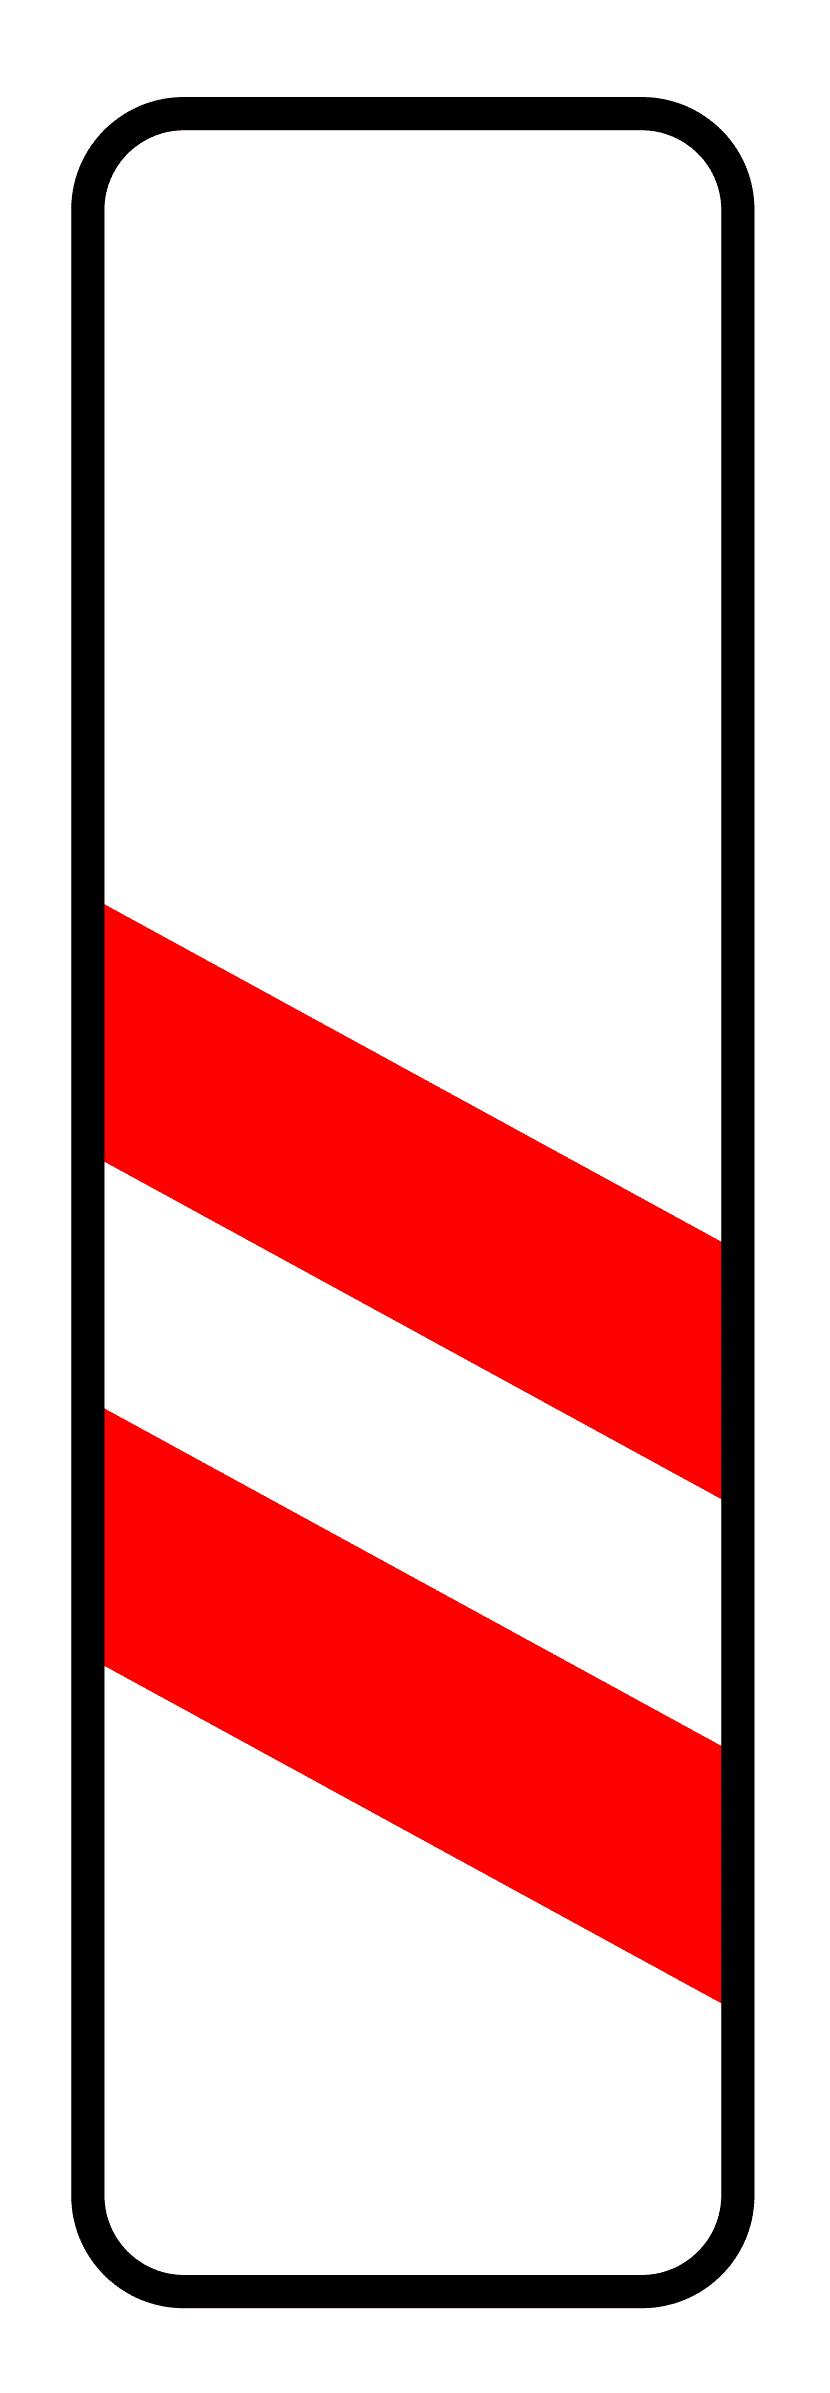 Verkehrszeichen 159: zweistreifige Bake